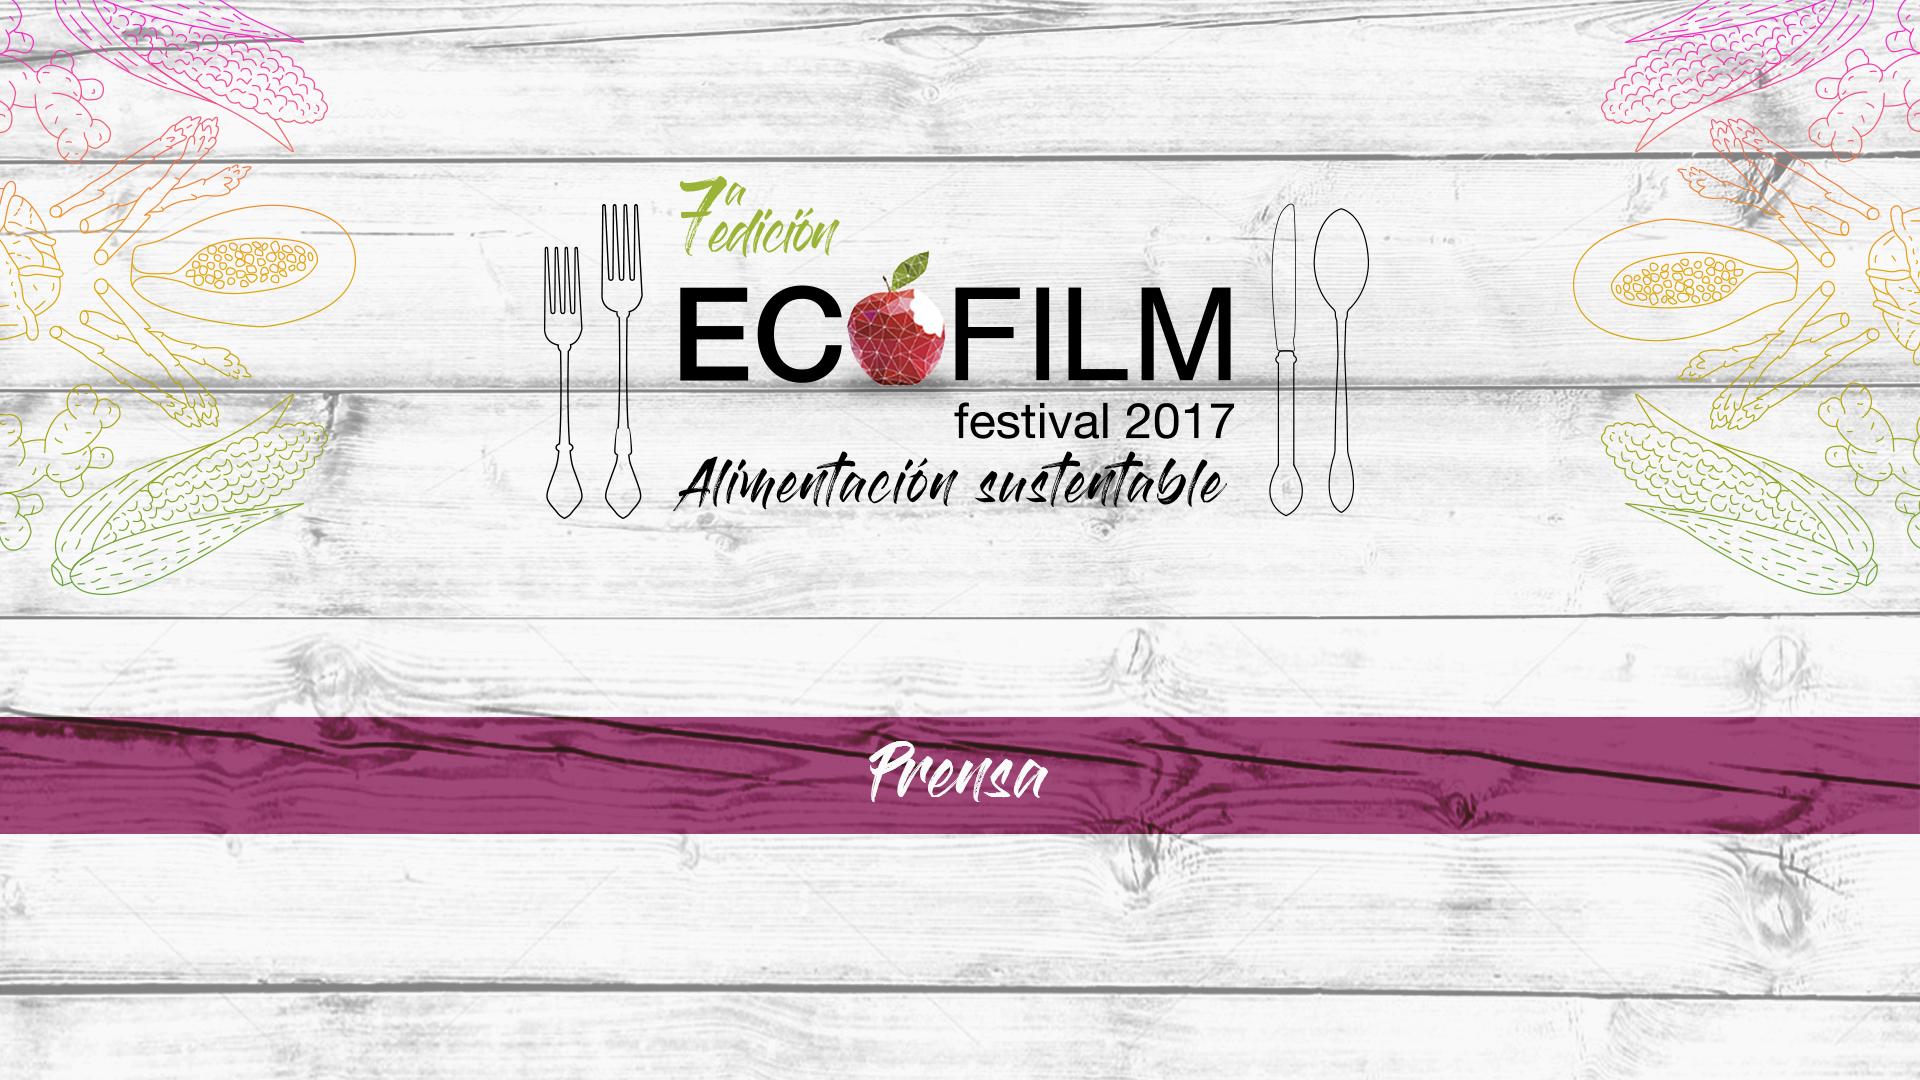 Ecofilm 2017, opinión